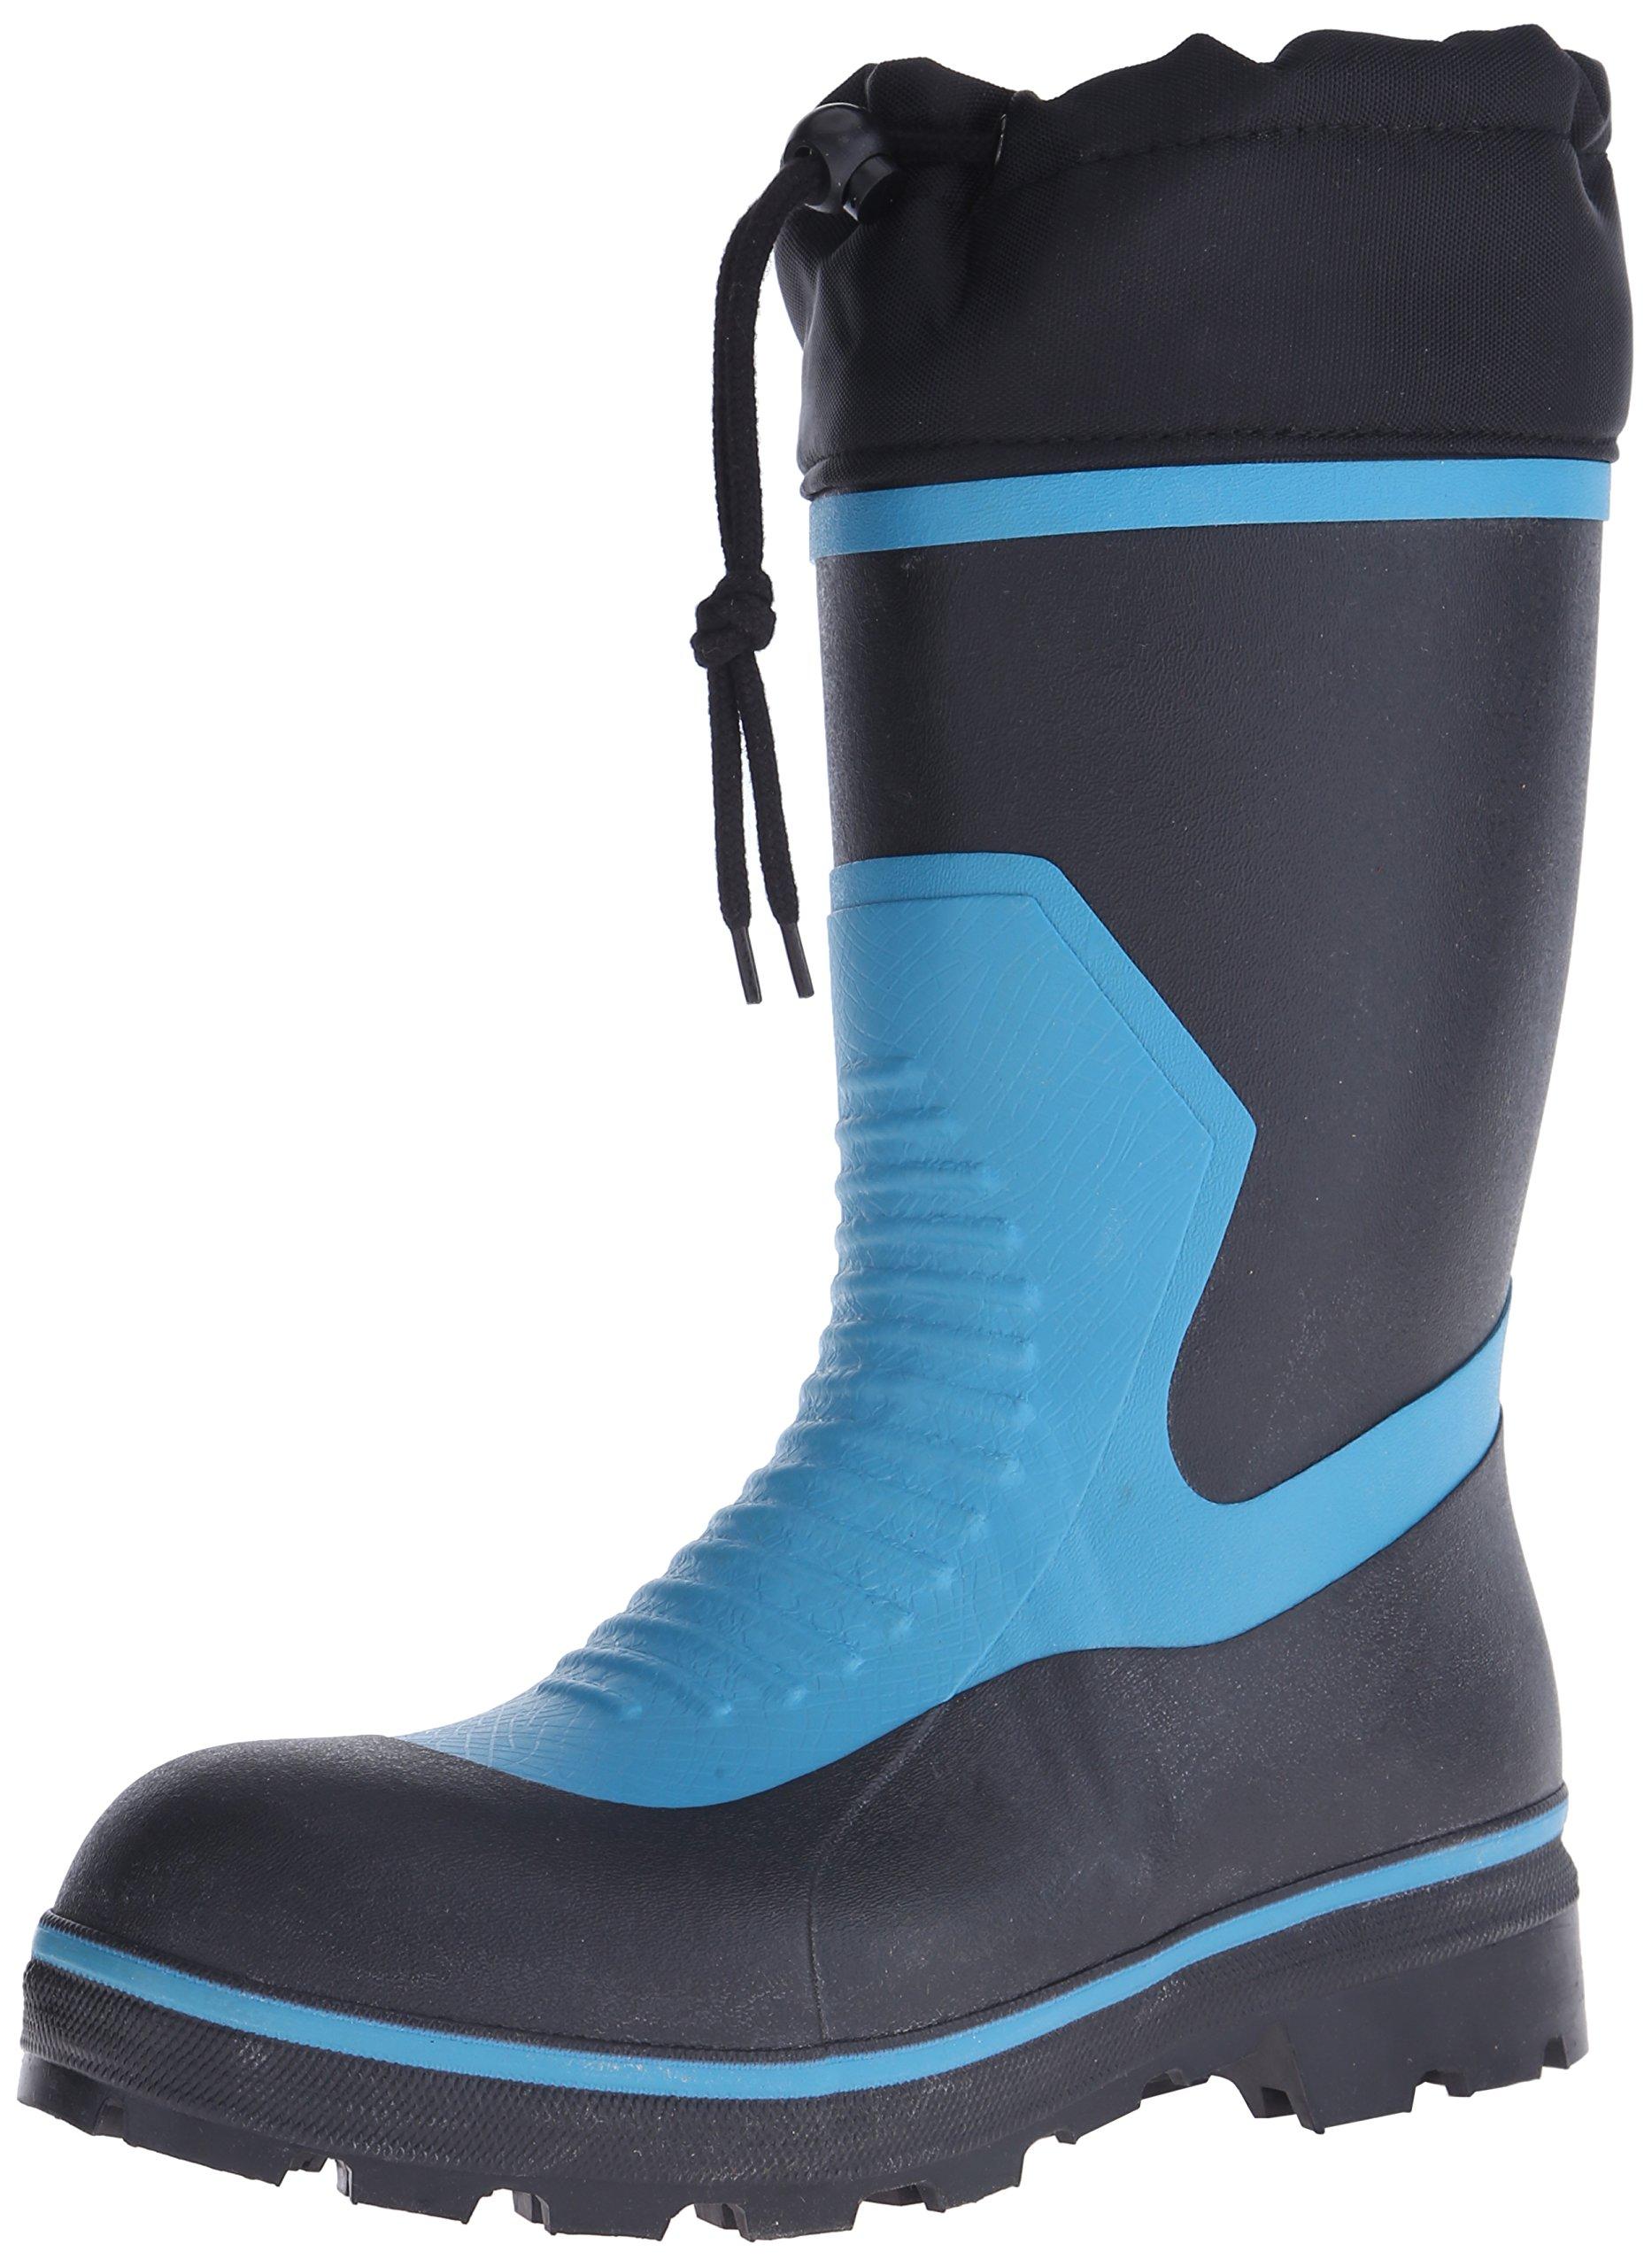 Viking Footwear Harvik by Viking ComfortLite Waterproof Boot, Blue/Black, 9 M US by Viking Footwear